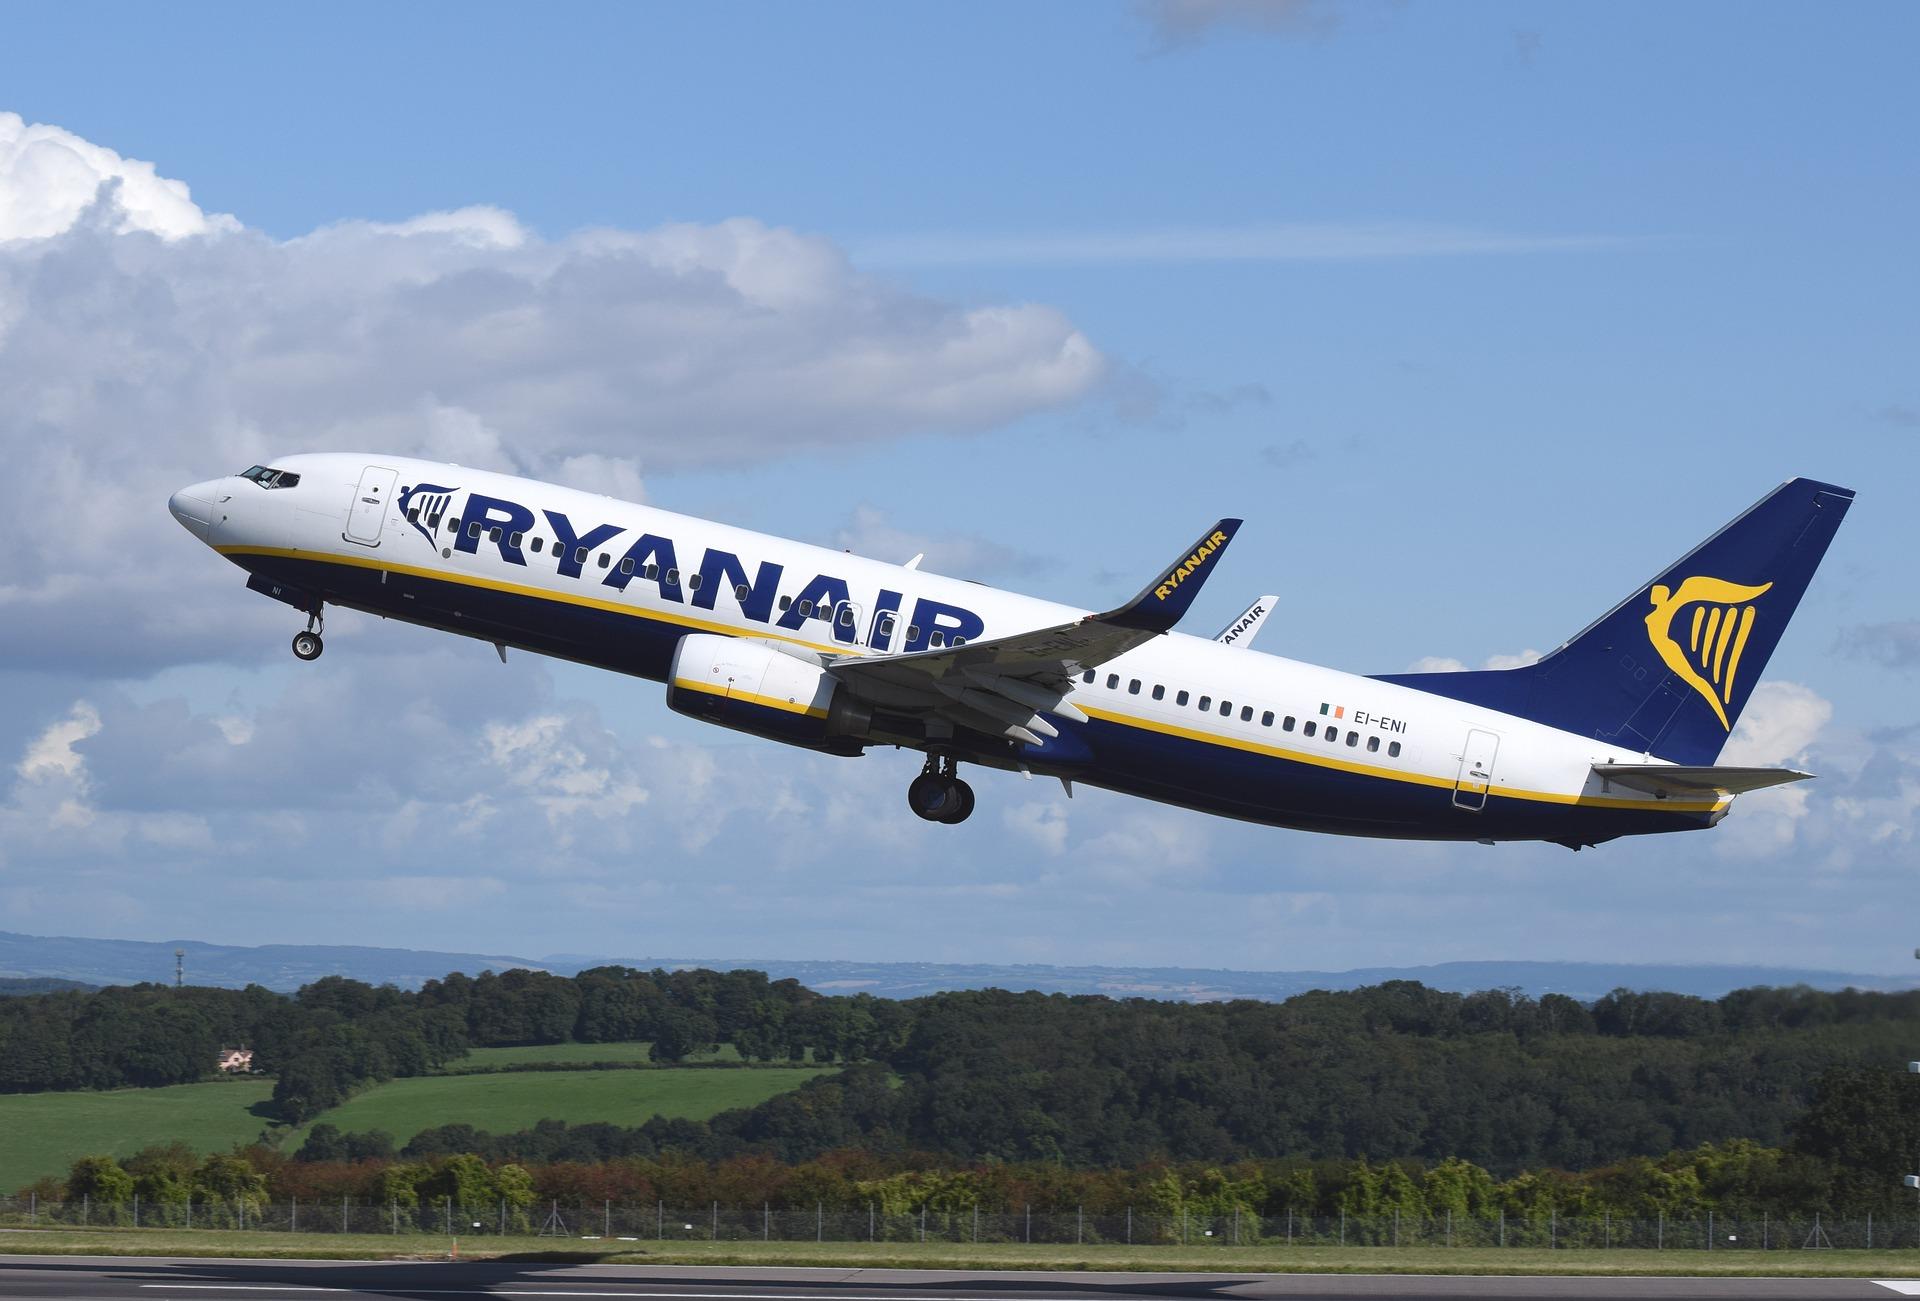 Un juez legitima a las empresas de reclamaciones contra las aéreas